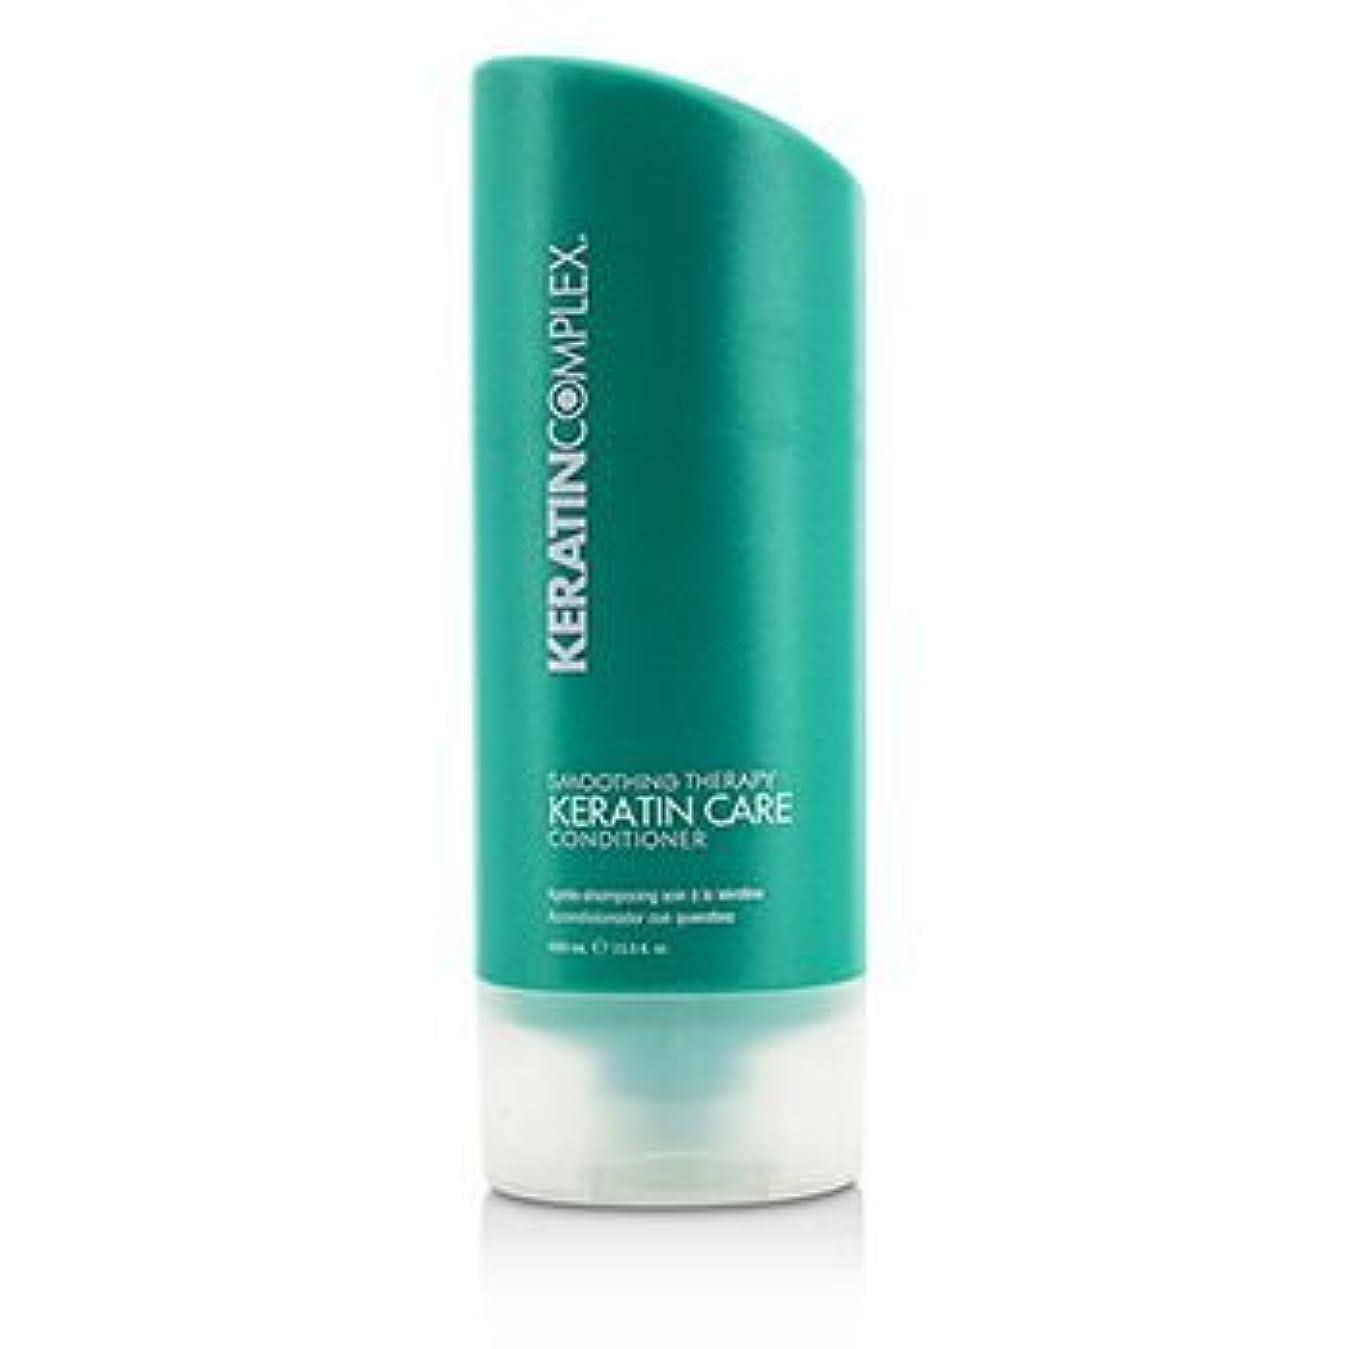 摂氏ヒギンズ他に[Keratin Complex] Smoothing Therapy Keratin Care Conditioner (For All Hair Types) 1000ml/33.8oz